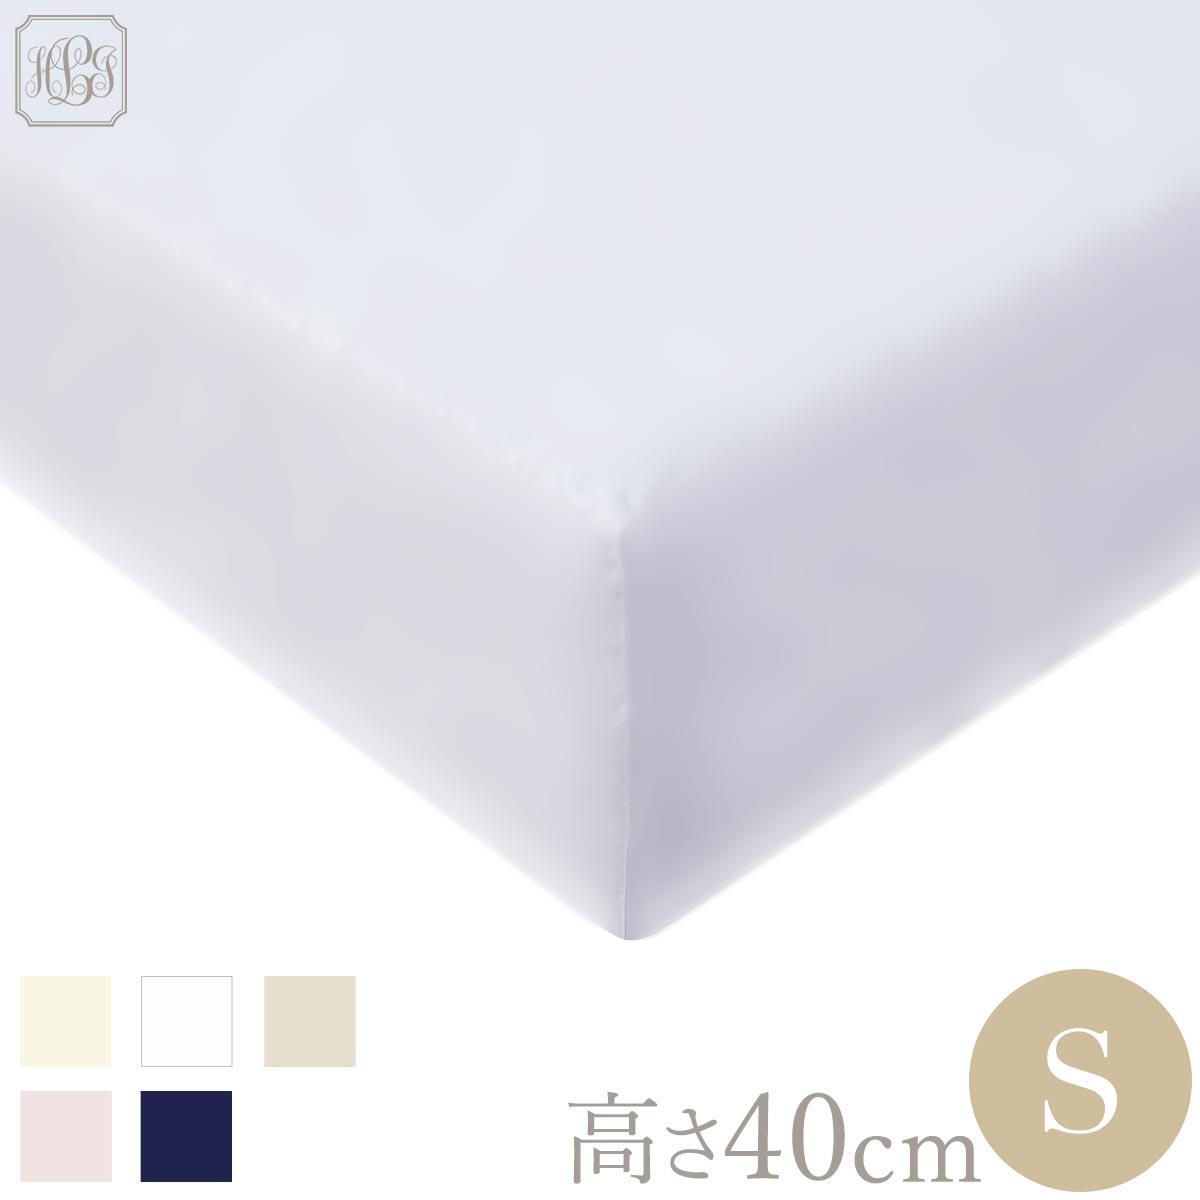 あす楽 今だけ限定15%OFFクーポン発行中 ボックスシーツ1枚 蔵 枕カバー2枚 シングル 100×200cm 綿100% 送料無料 400TCコットンサテン 高さ40cm